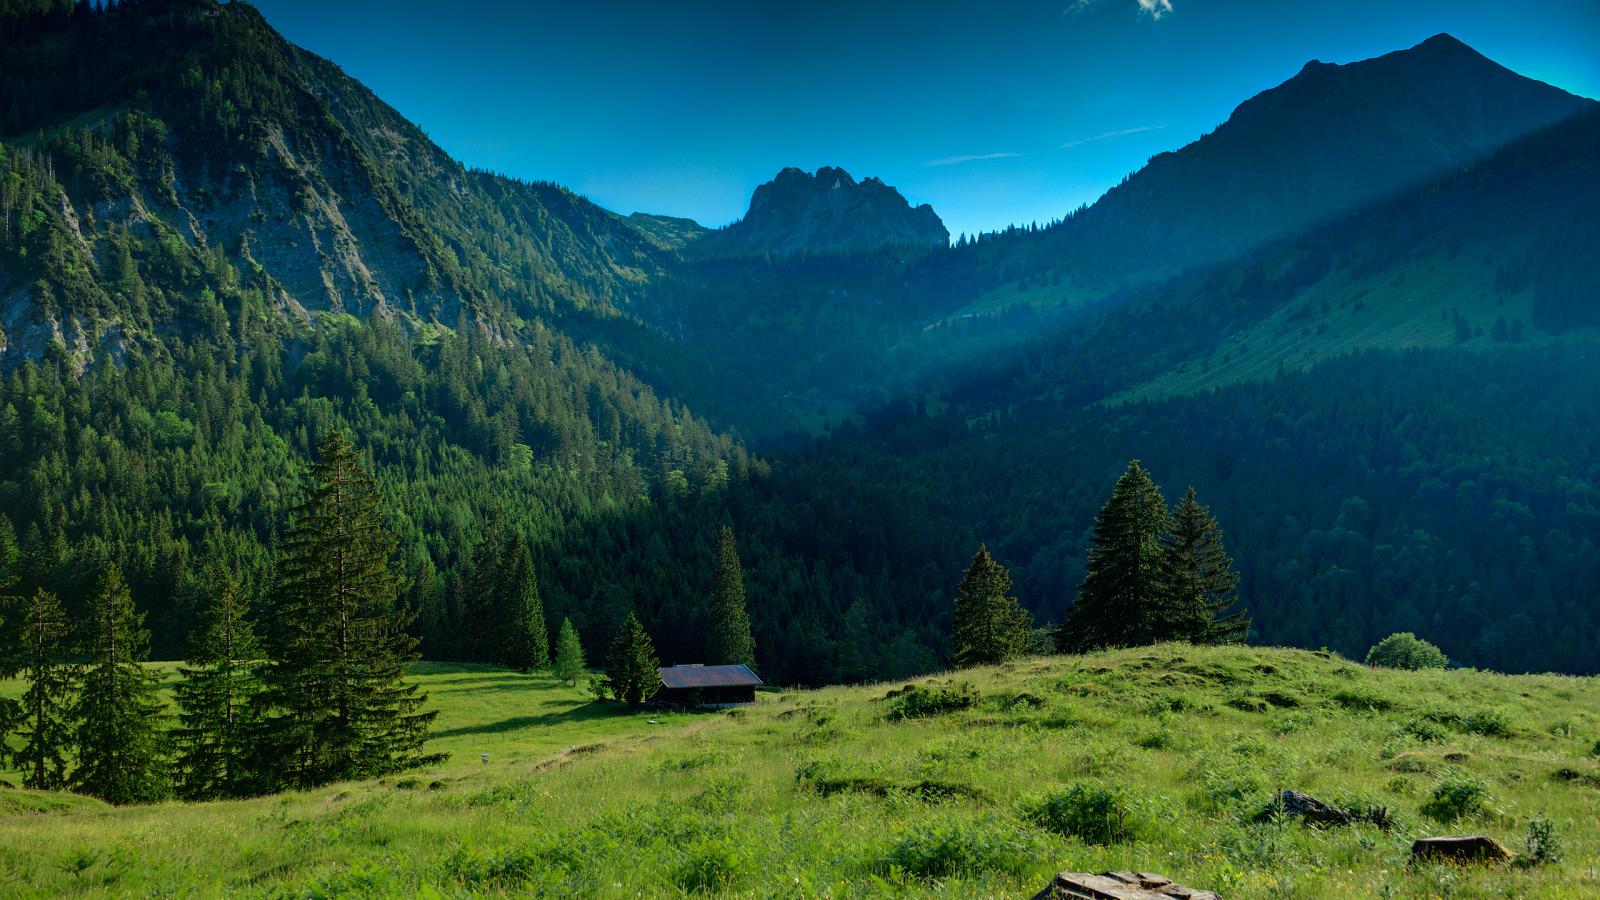 Озеро, гора, зеленый лес  № 621688 бесплатно